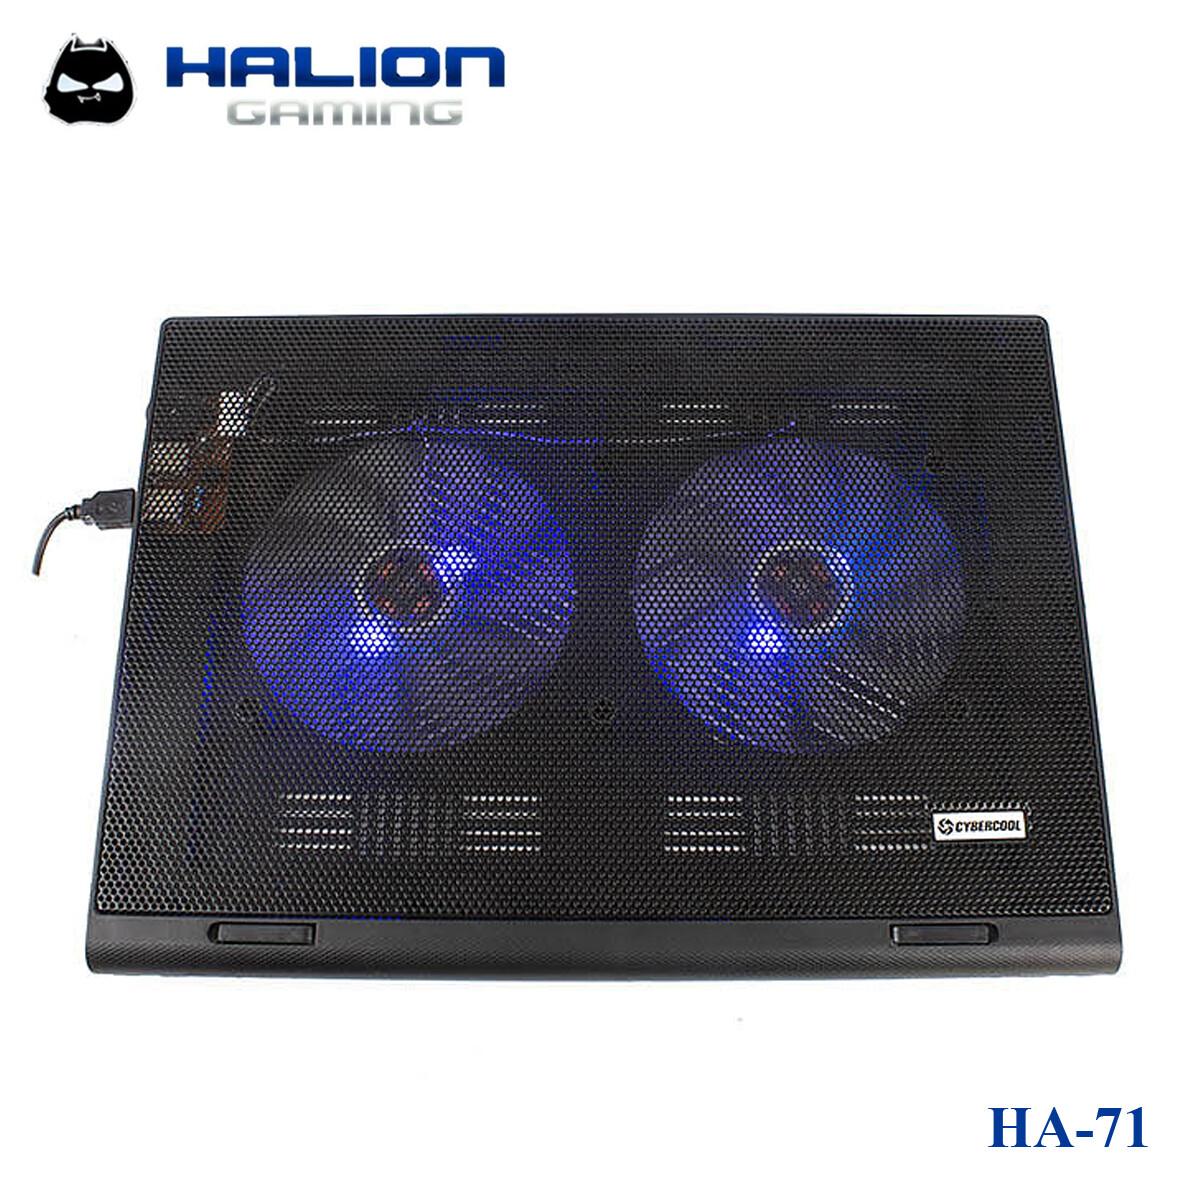 COOLER PARA LAPTOP 2 VENTILADORES CYBERCOOL HALION HA-71